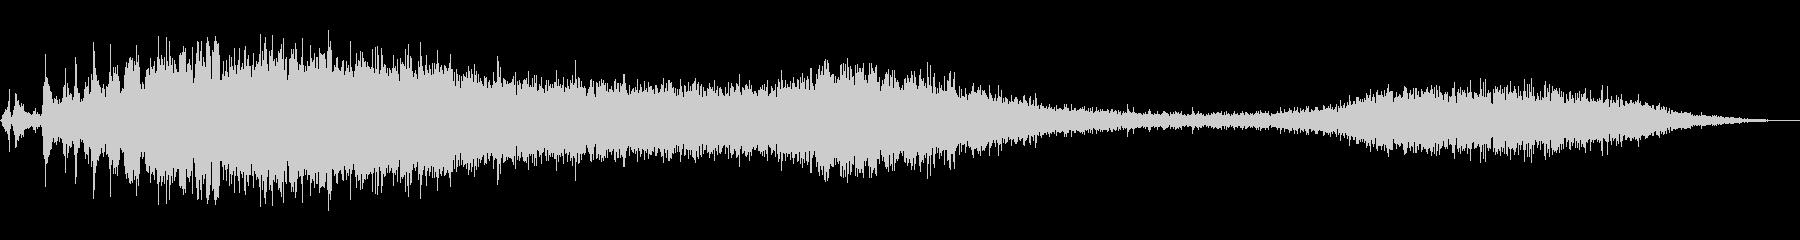 ピアシングレーザーザップ4の未再生の波形